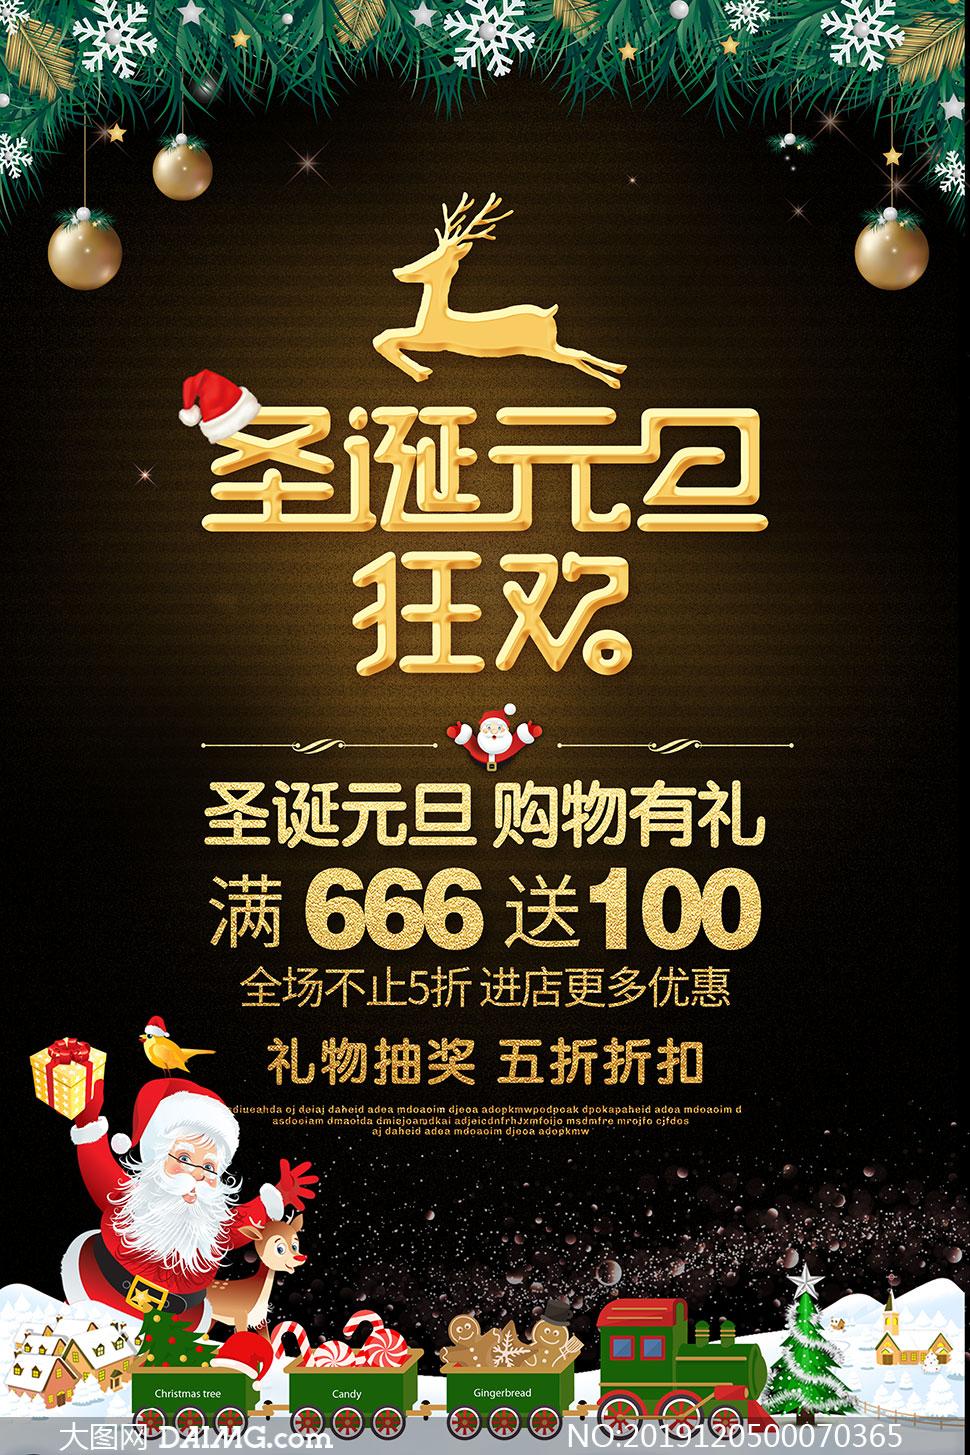 圣诞元旦狂欢购物海报设计PSD素材